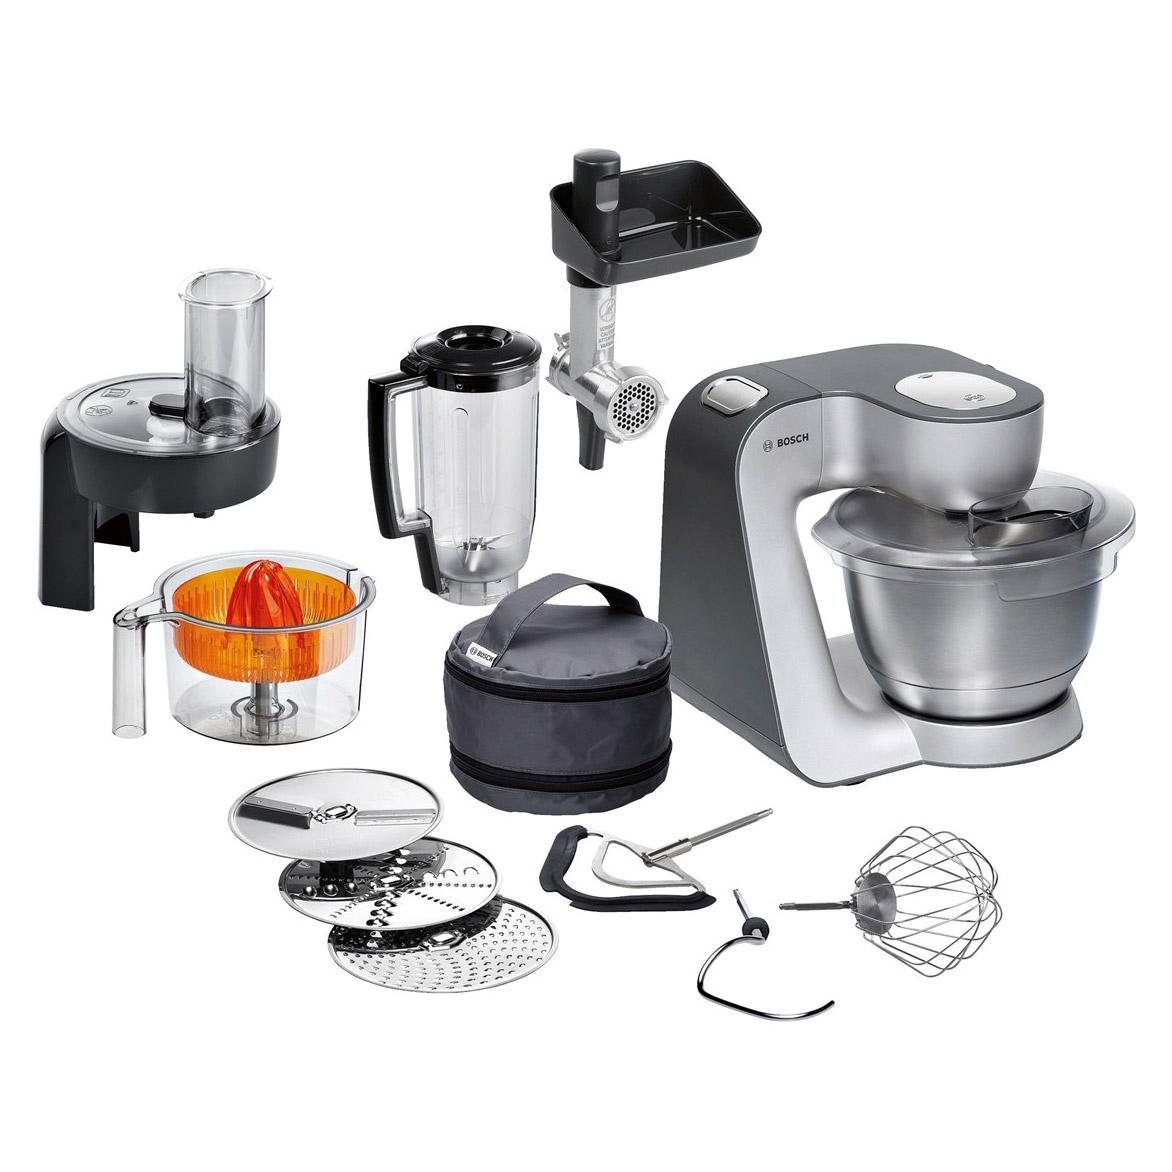 Bosch Mum59340gb Home Kitchen Machine Food Mixer In Silver 1000w